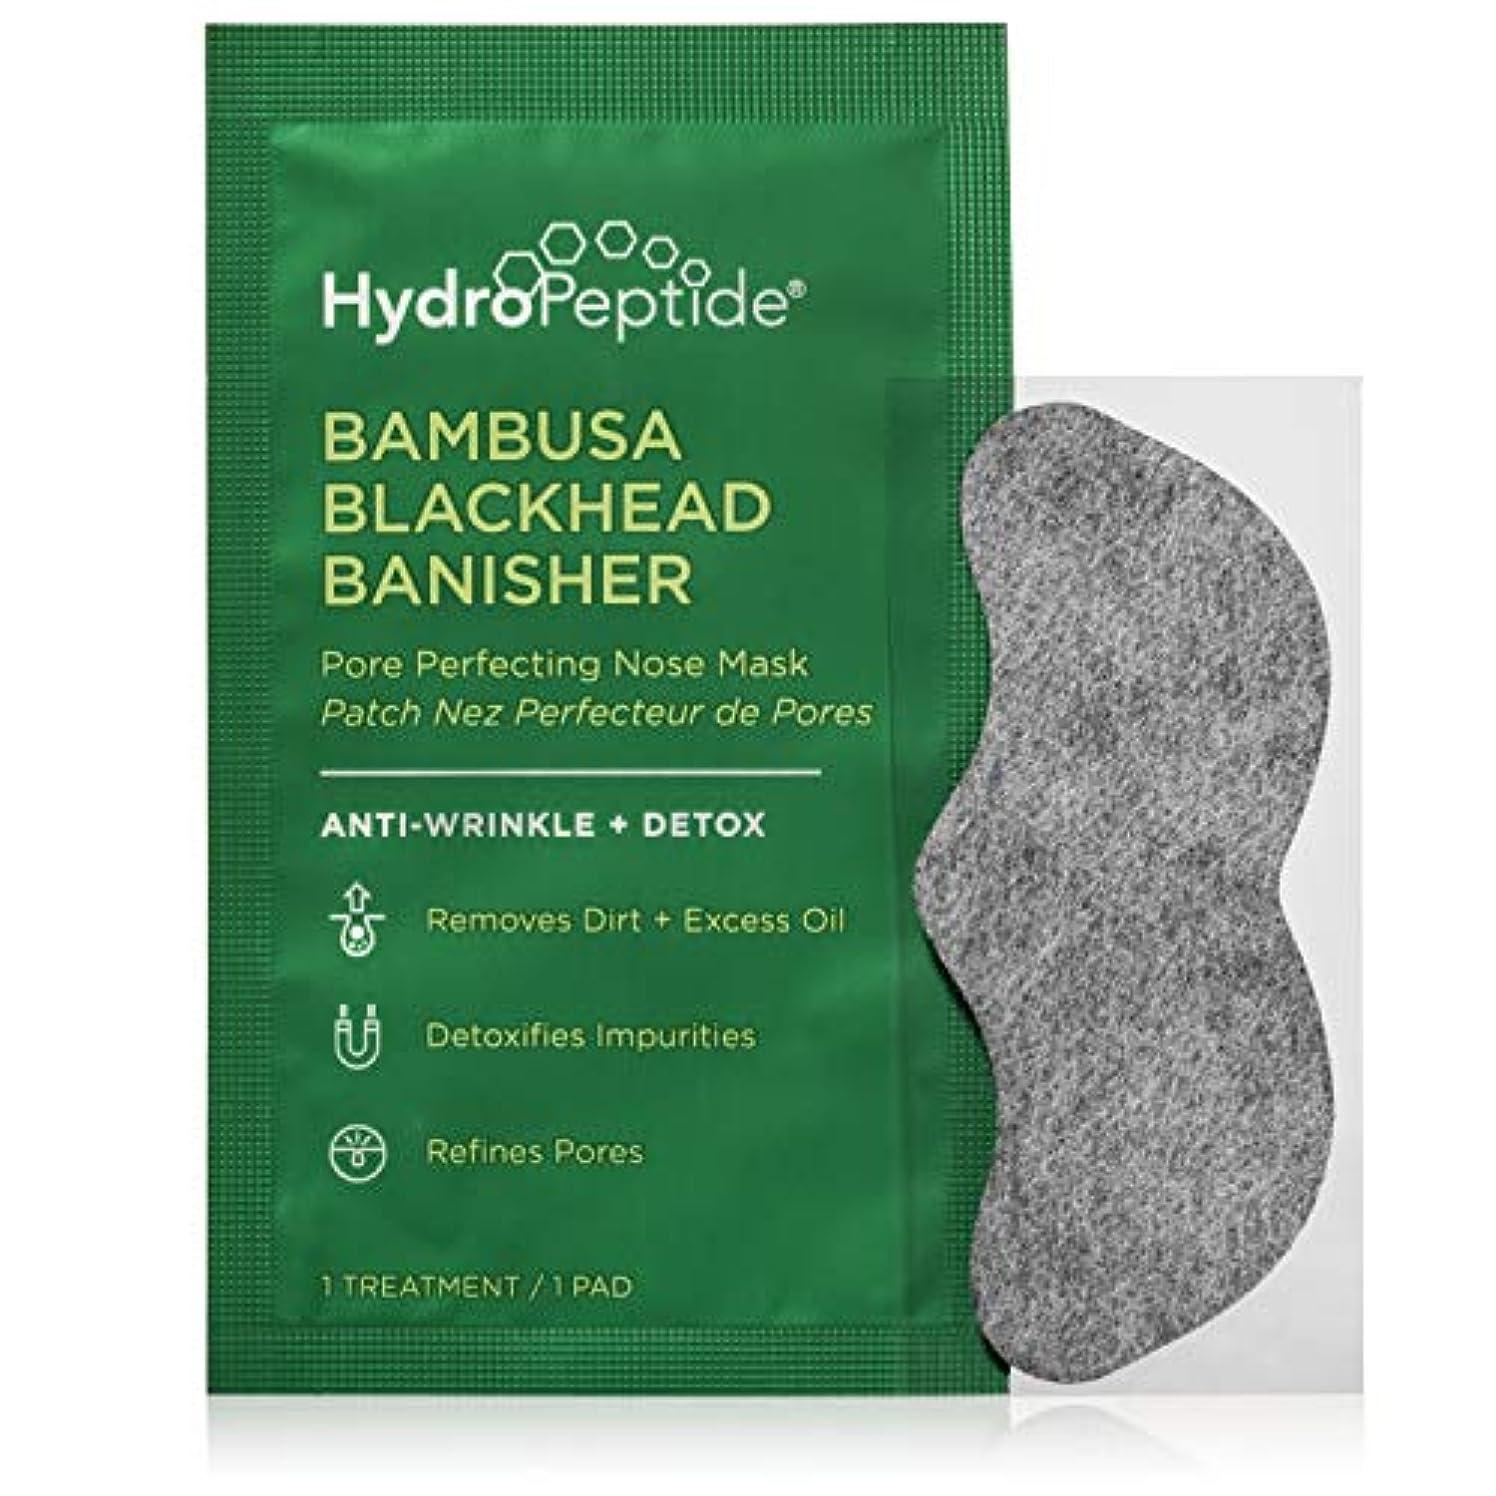 テレビを見る毎年本会議ハイドロペプチド Bambusa Blackhead Banisher Pore Perfecting Nose Mask 8sheets並行輸入品